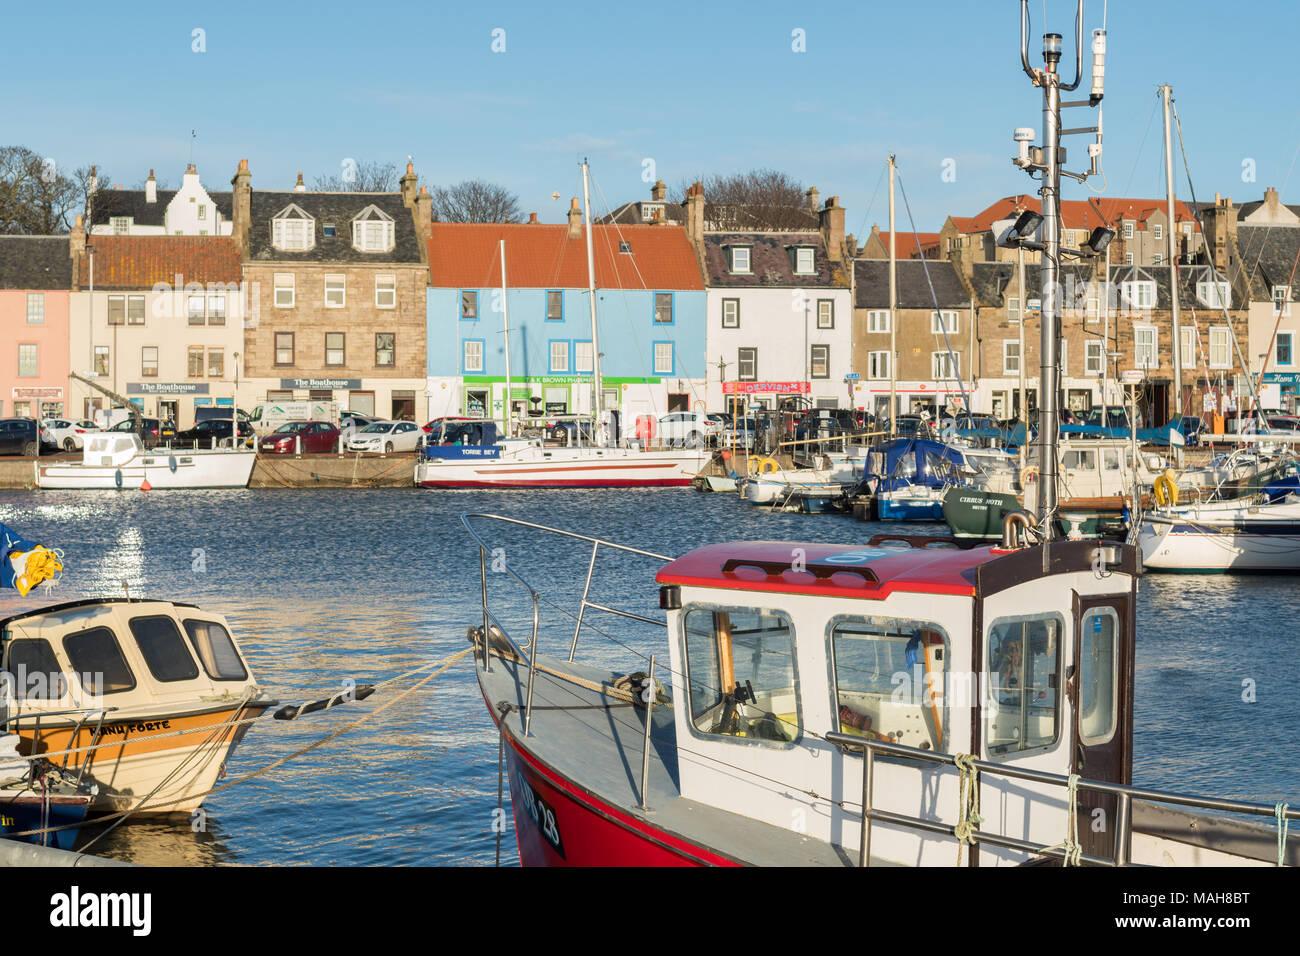 Bateaux - Anstruther et front de mer, à l'Est Neuk, Fife, Scotland, UK Photo Stock